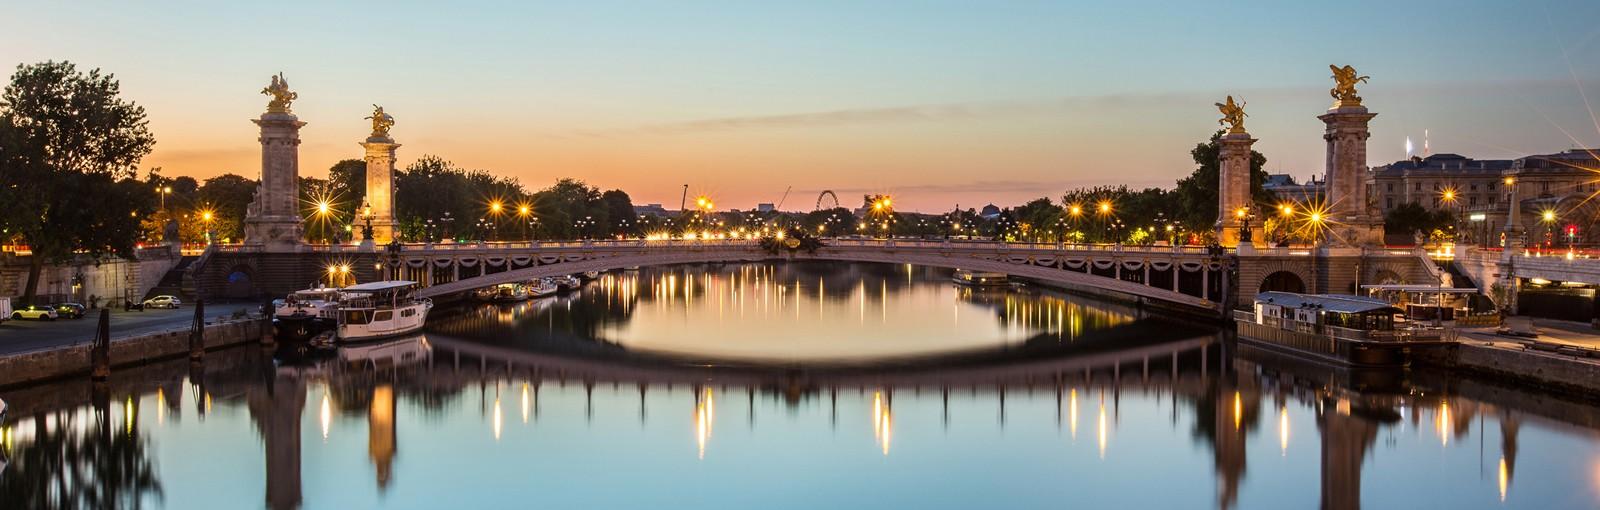 Tours Illuminations - Tours de ville - Visites de Paris